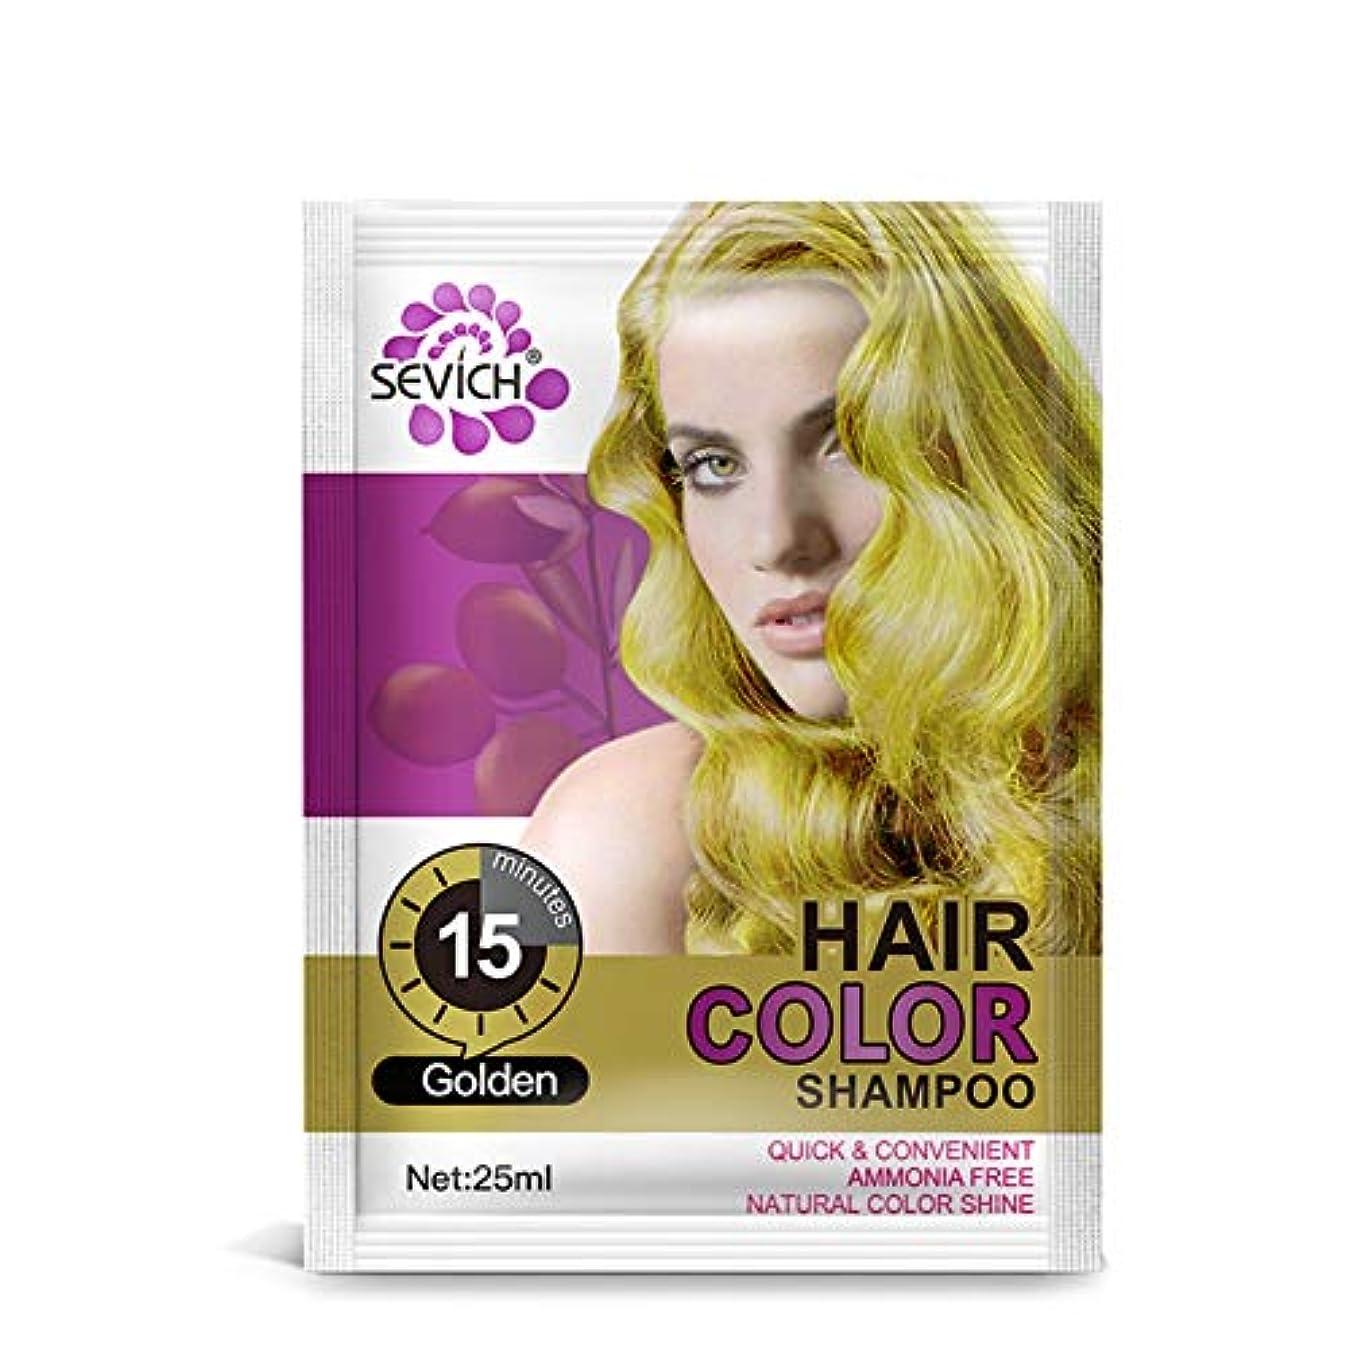 ホールドリア王現在ヘアカラー ヘア染め ヘアカラースタイリング 髪の色のシャンプ スタイリングカラーヘアシャンプー 純粋な植物 自然 刺激ない ヘアケア Cutelove